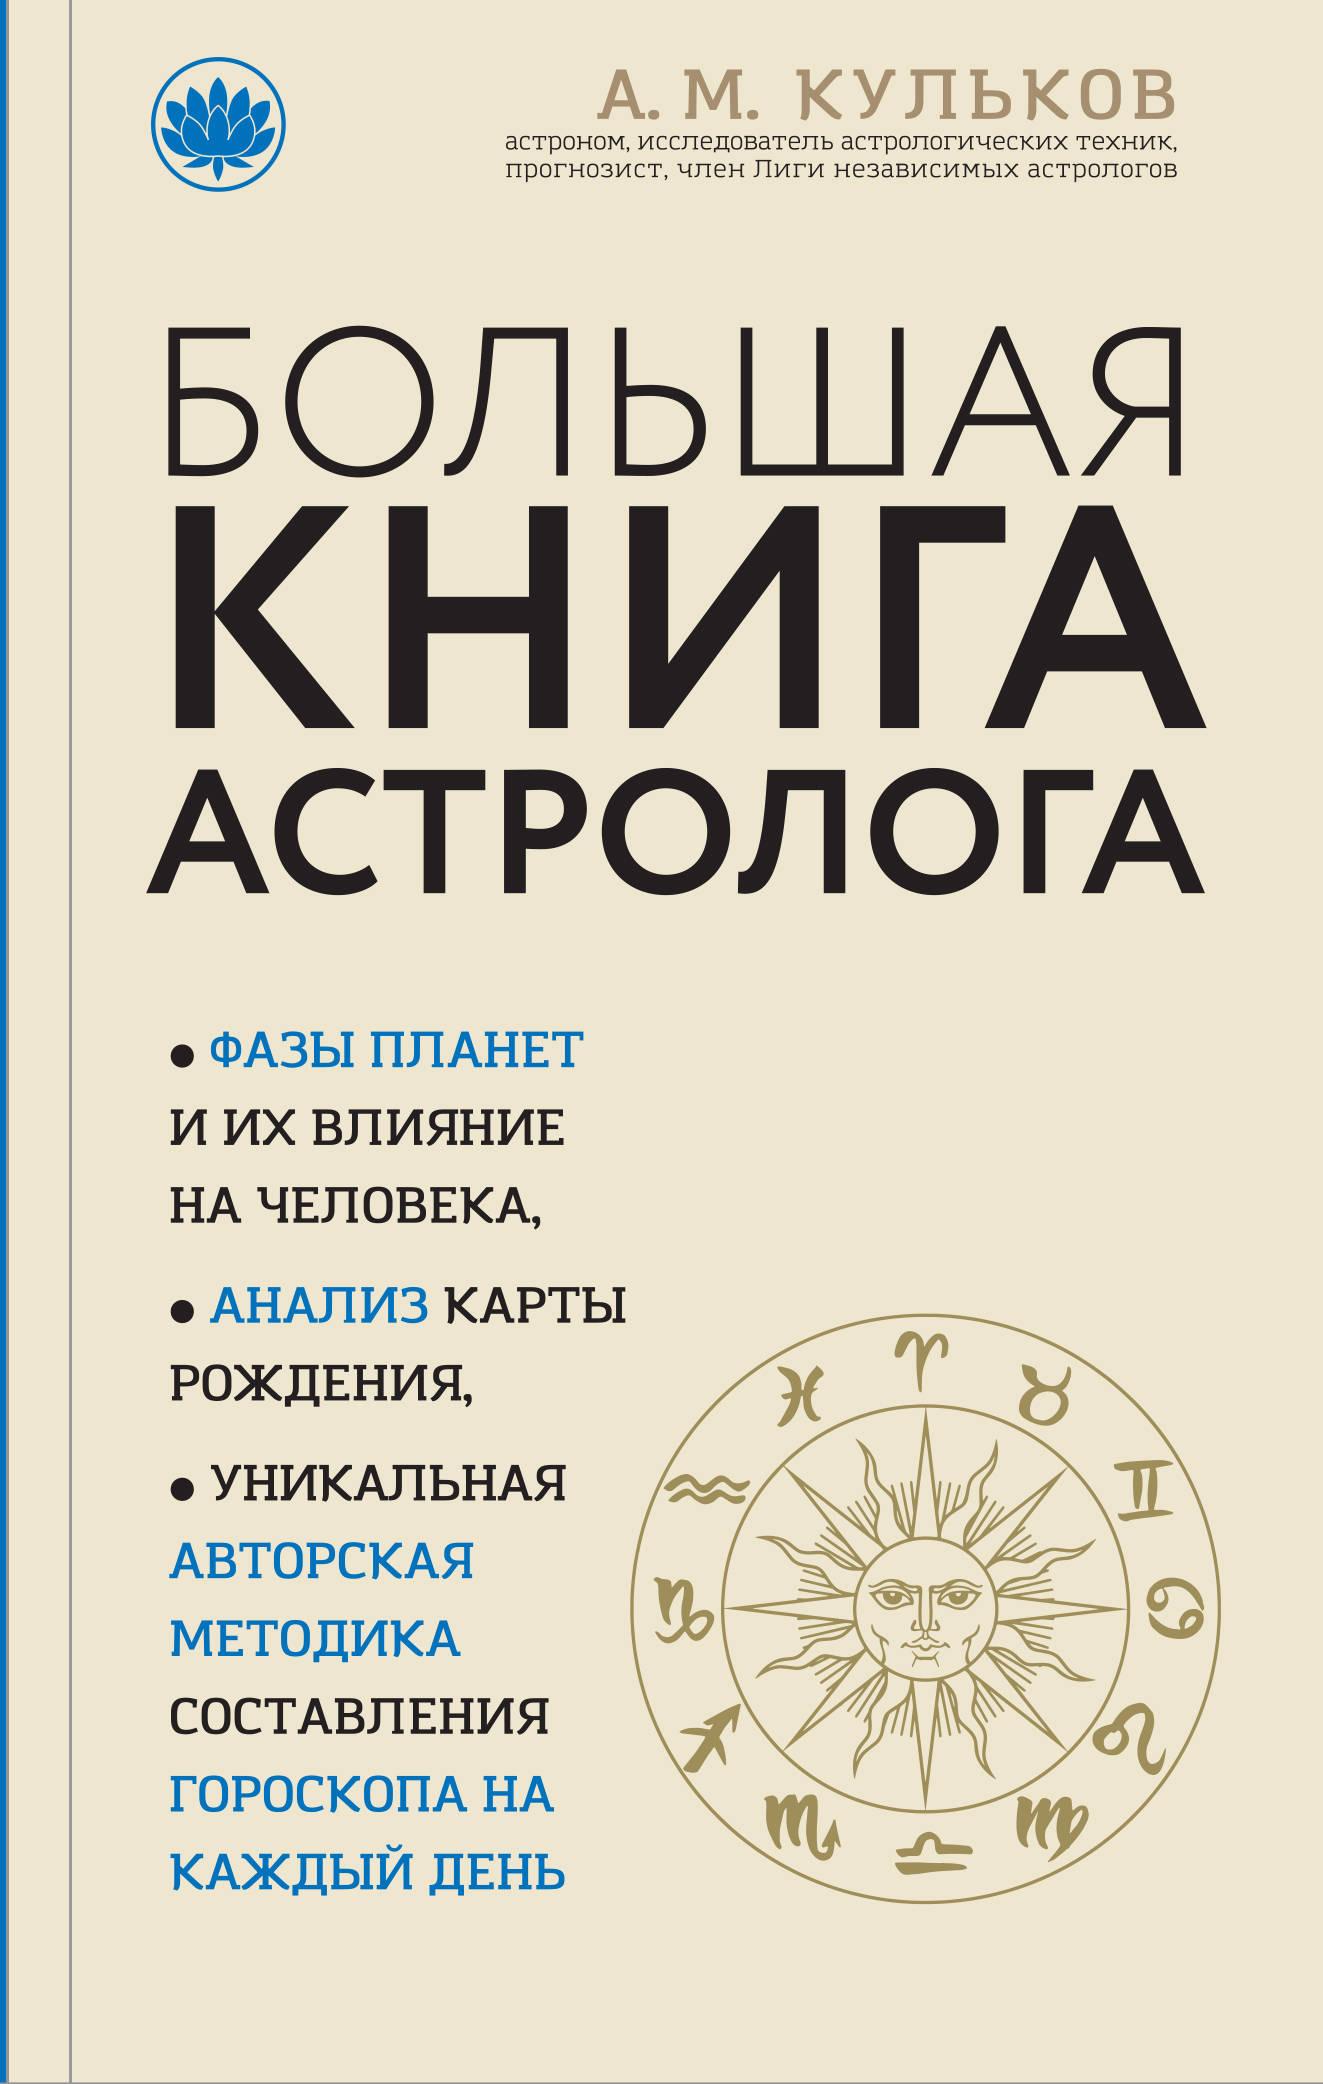 Большая книга астролога. А. М. Кульков